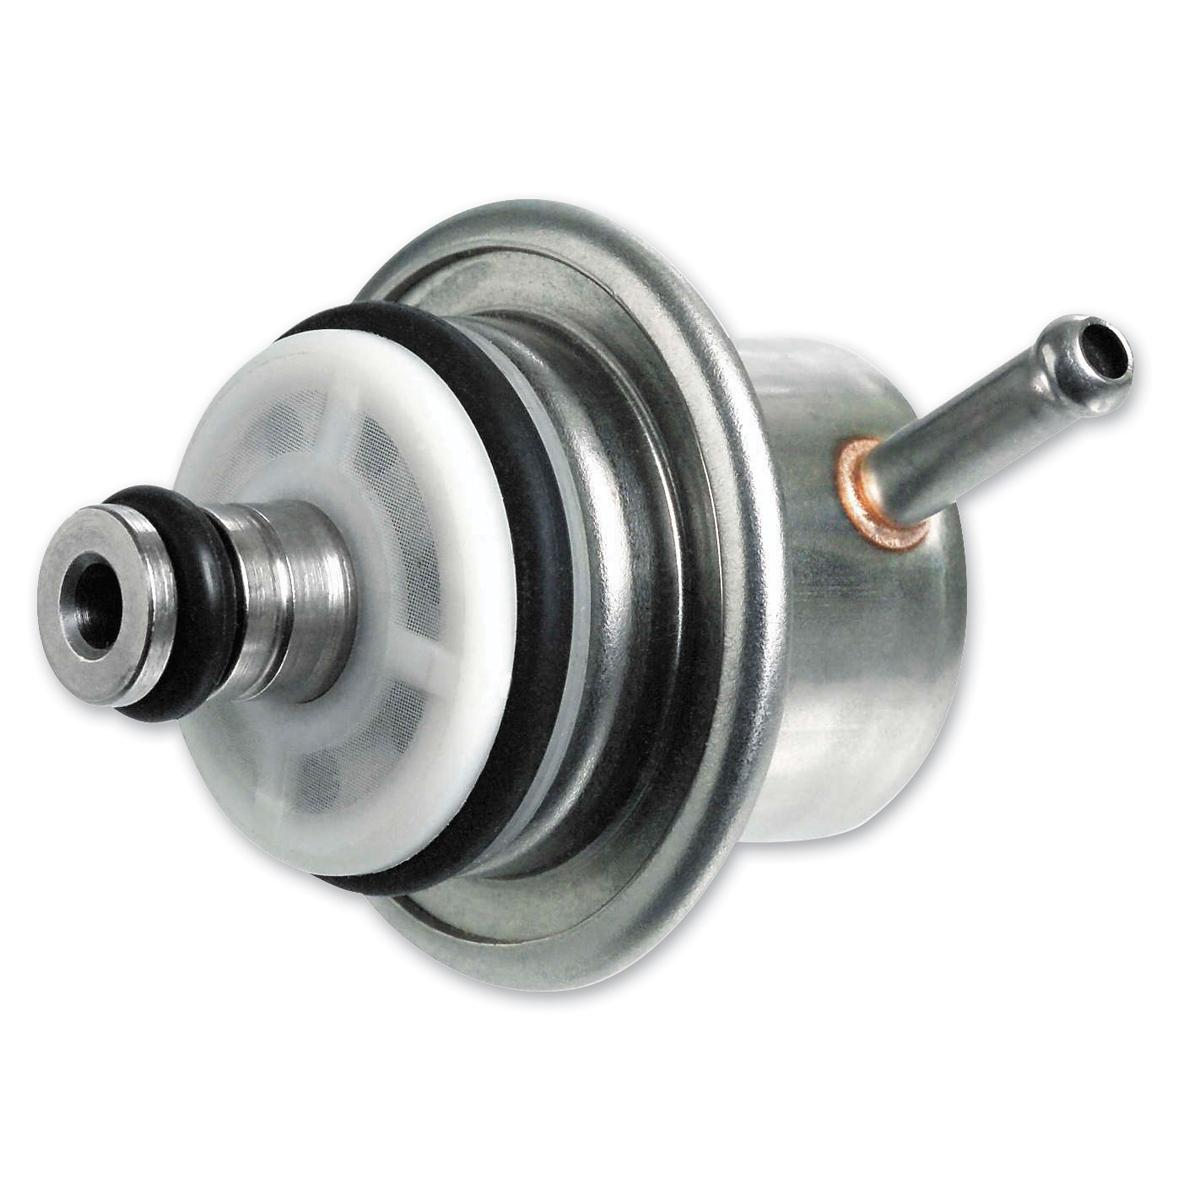 Standard Motorcycle Products Fuel Pressure Regulator 350 kPa